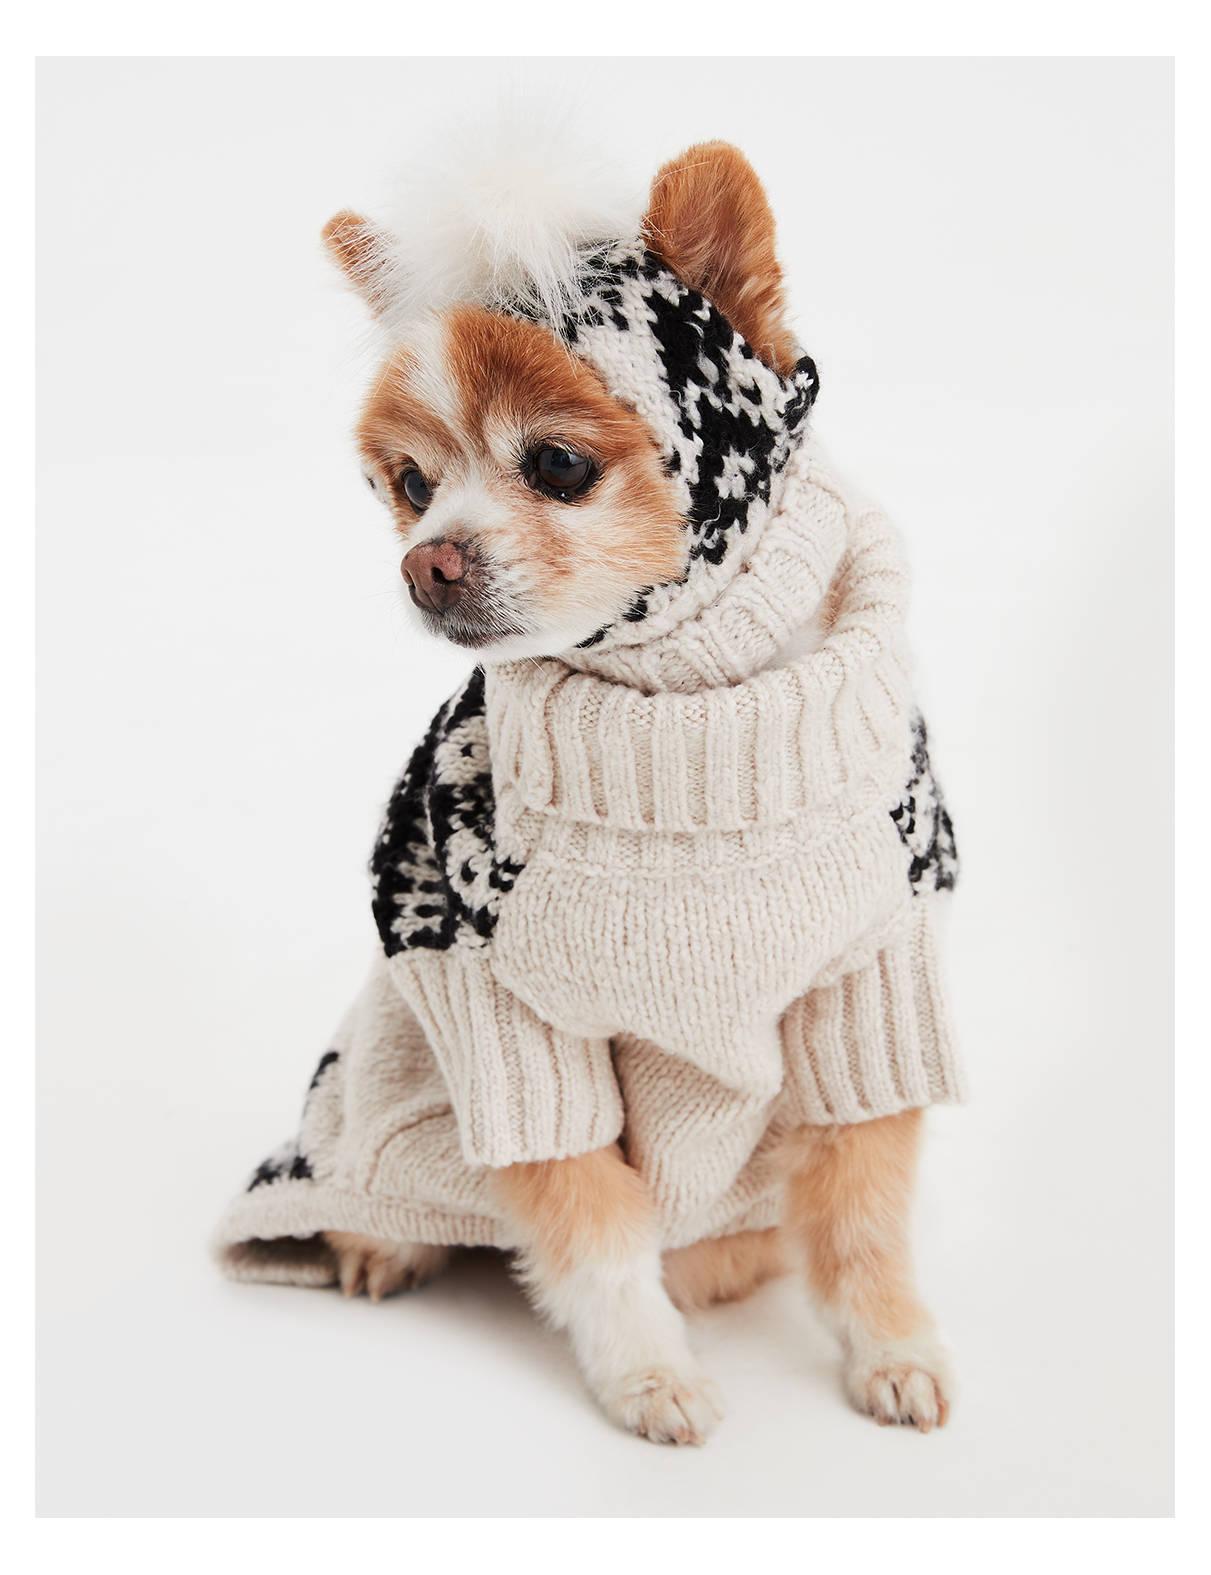 【アメリカンイーグル公式】American Beagle Outfittersドッグセーター トゥルーブラック